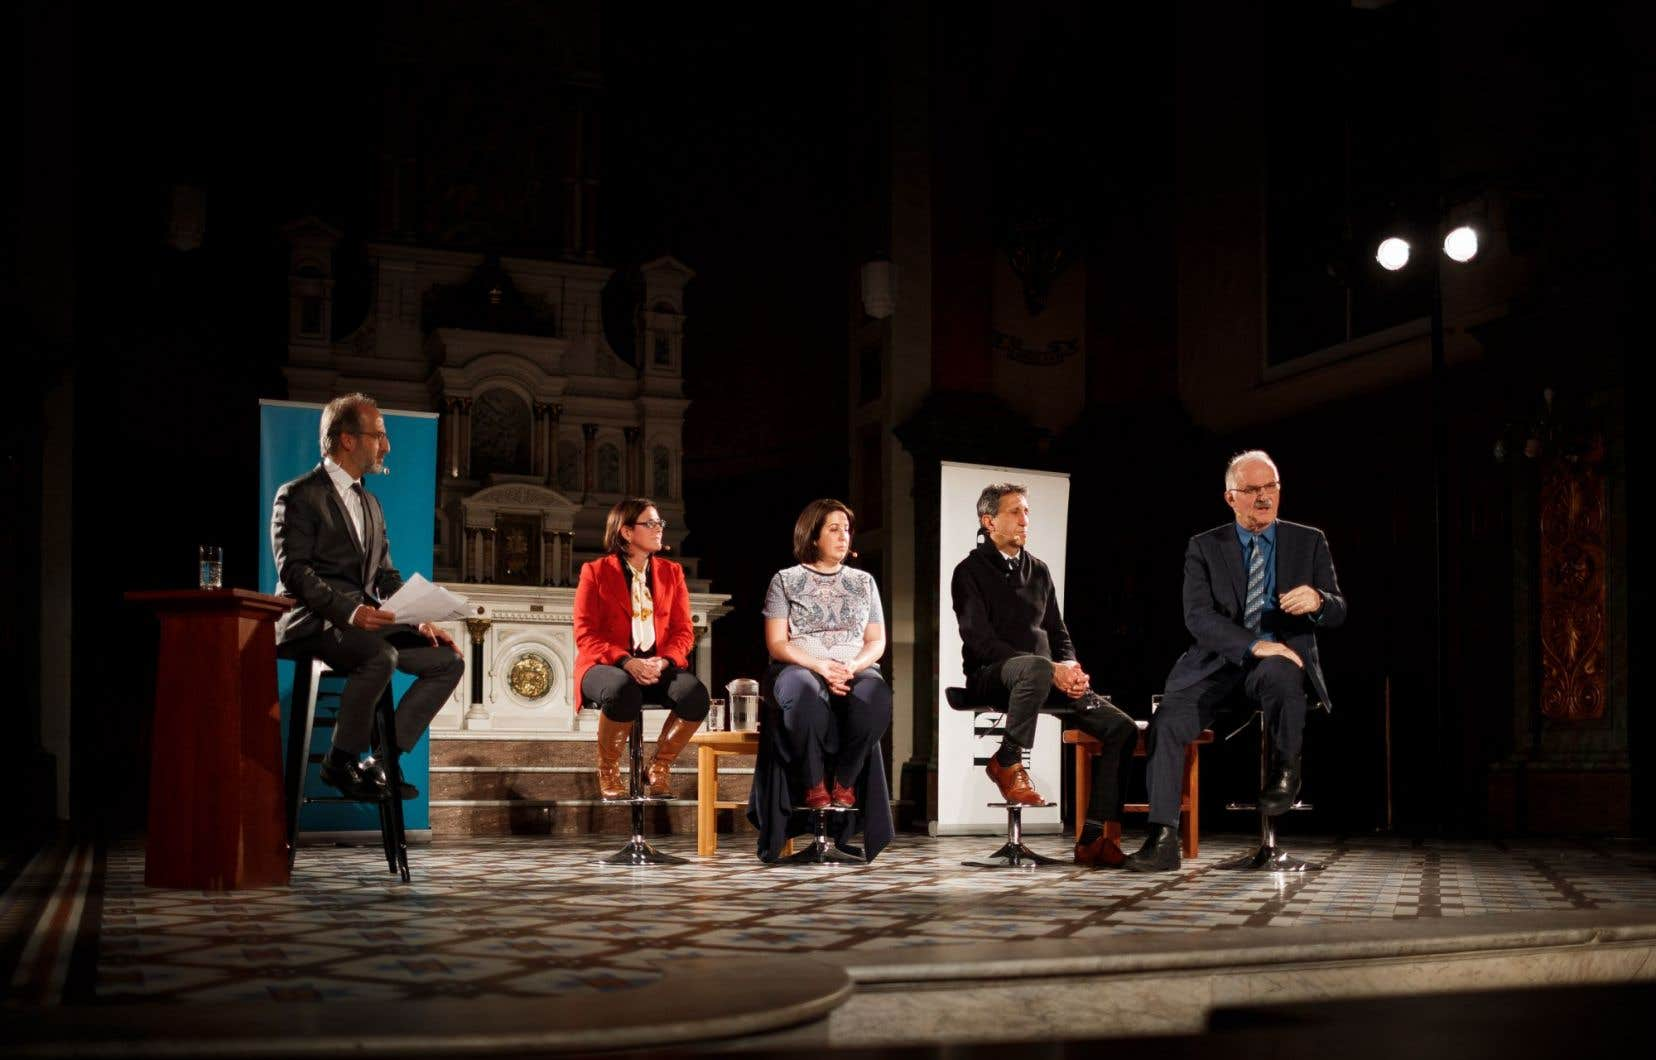 Diane Francœur, Dominique Hotte, Amir Khadir, MeJean-Pierre Ménard, ainsi que notre animateur, Antoine Robitaille (à gauche)